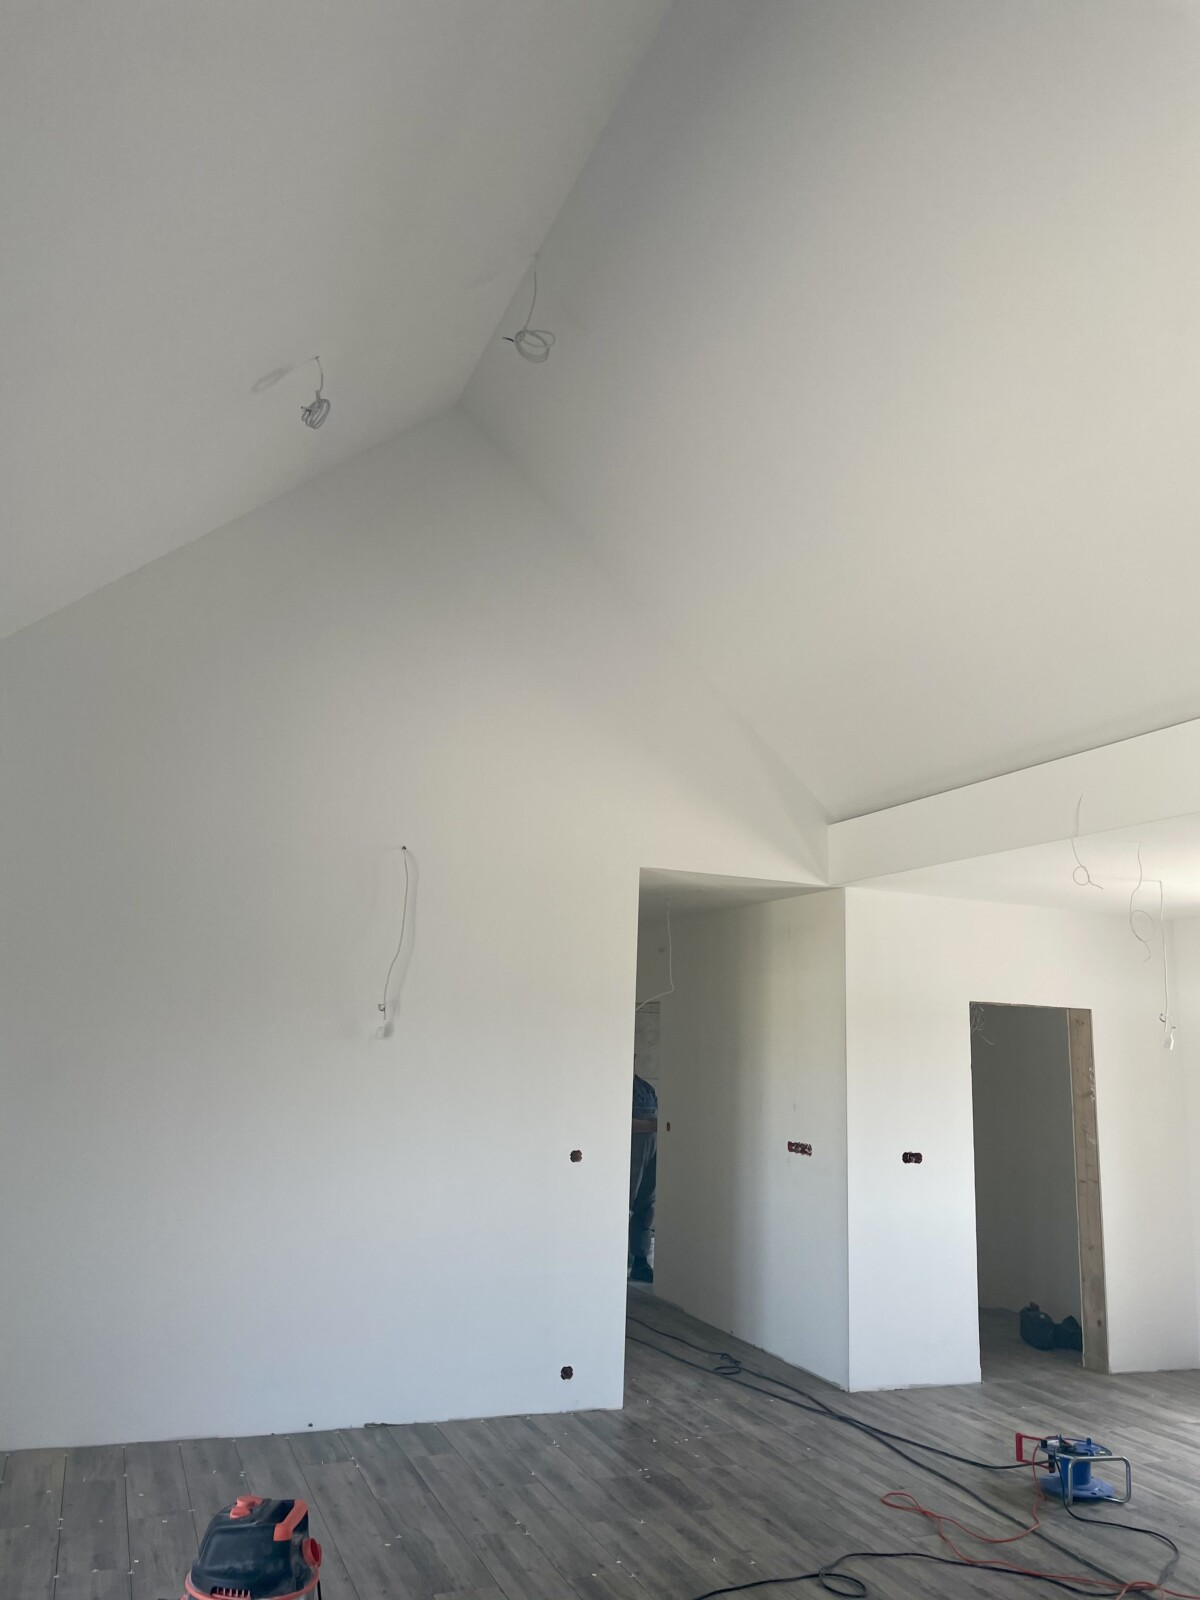 Domikon - Parterowy dom z otwartą przestrzenią nad salonem.